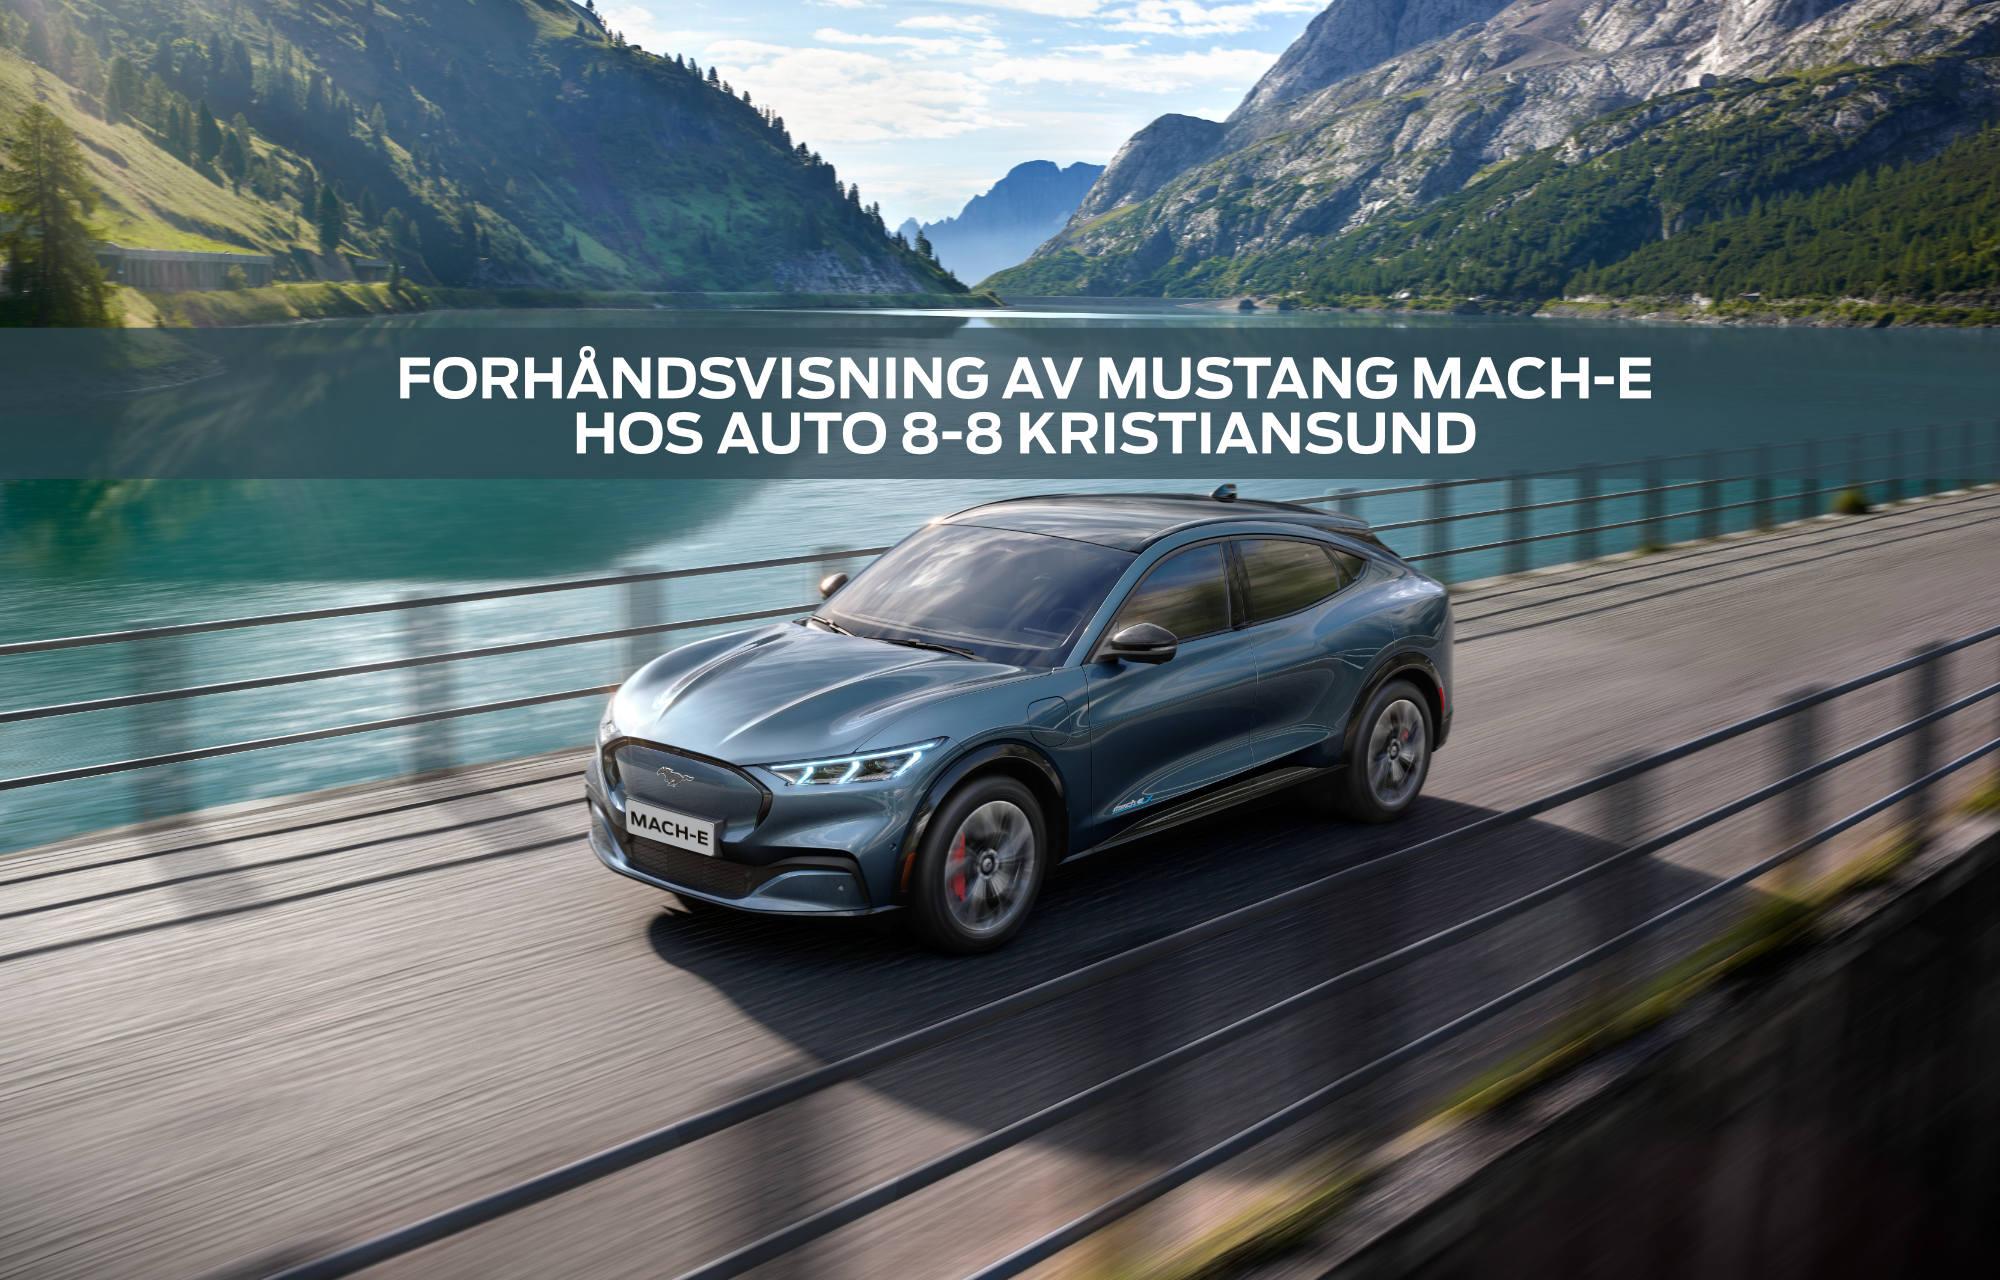 Mustang Mach-E til Kristiansund